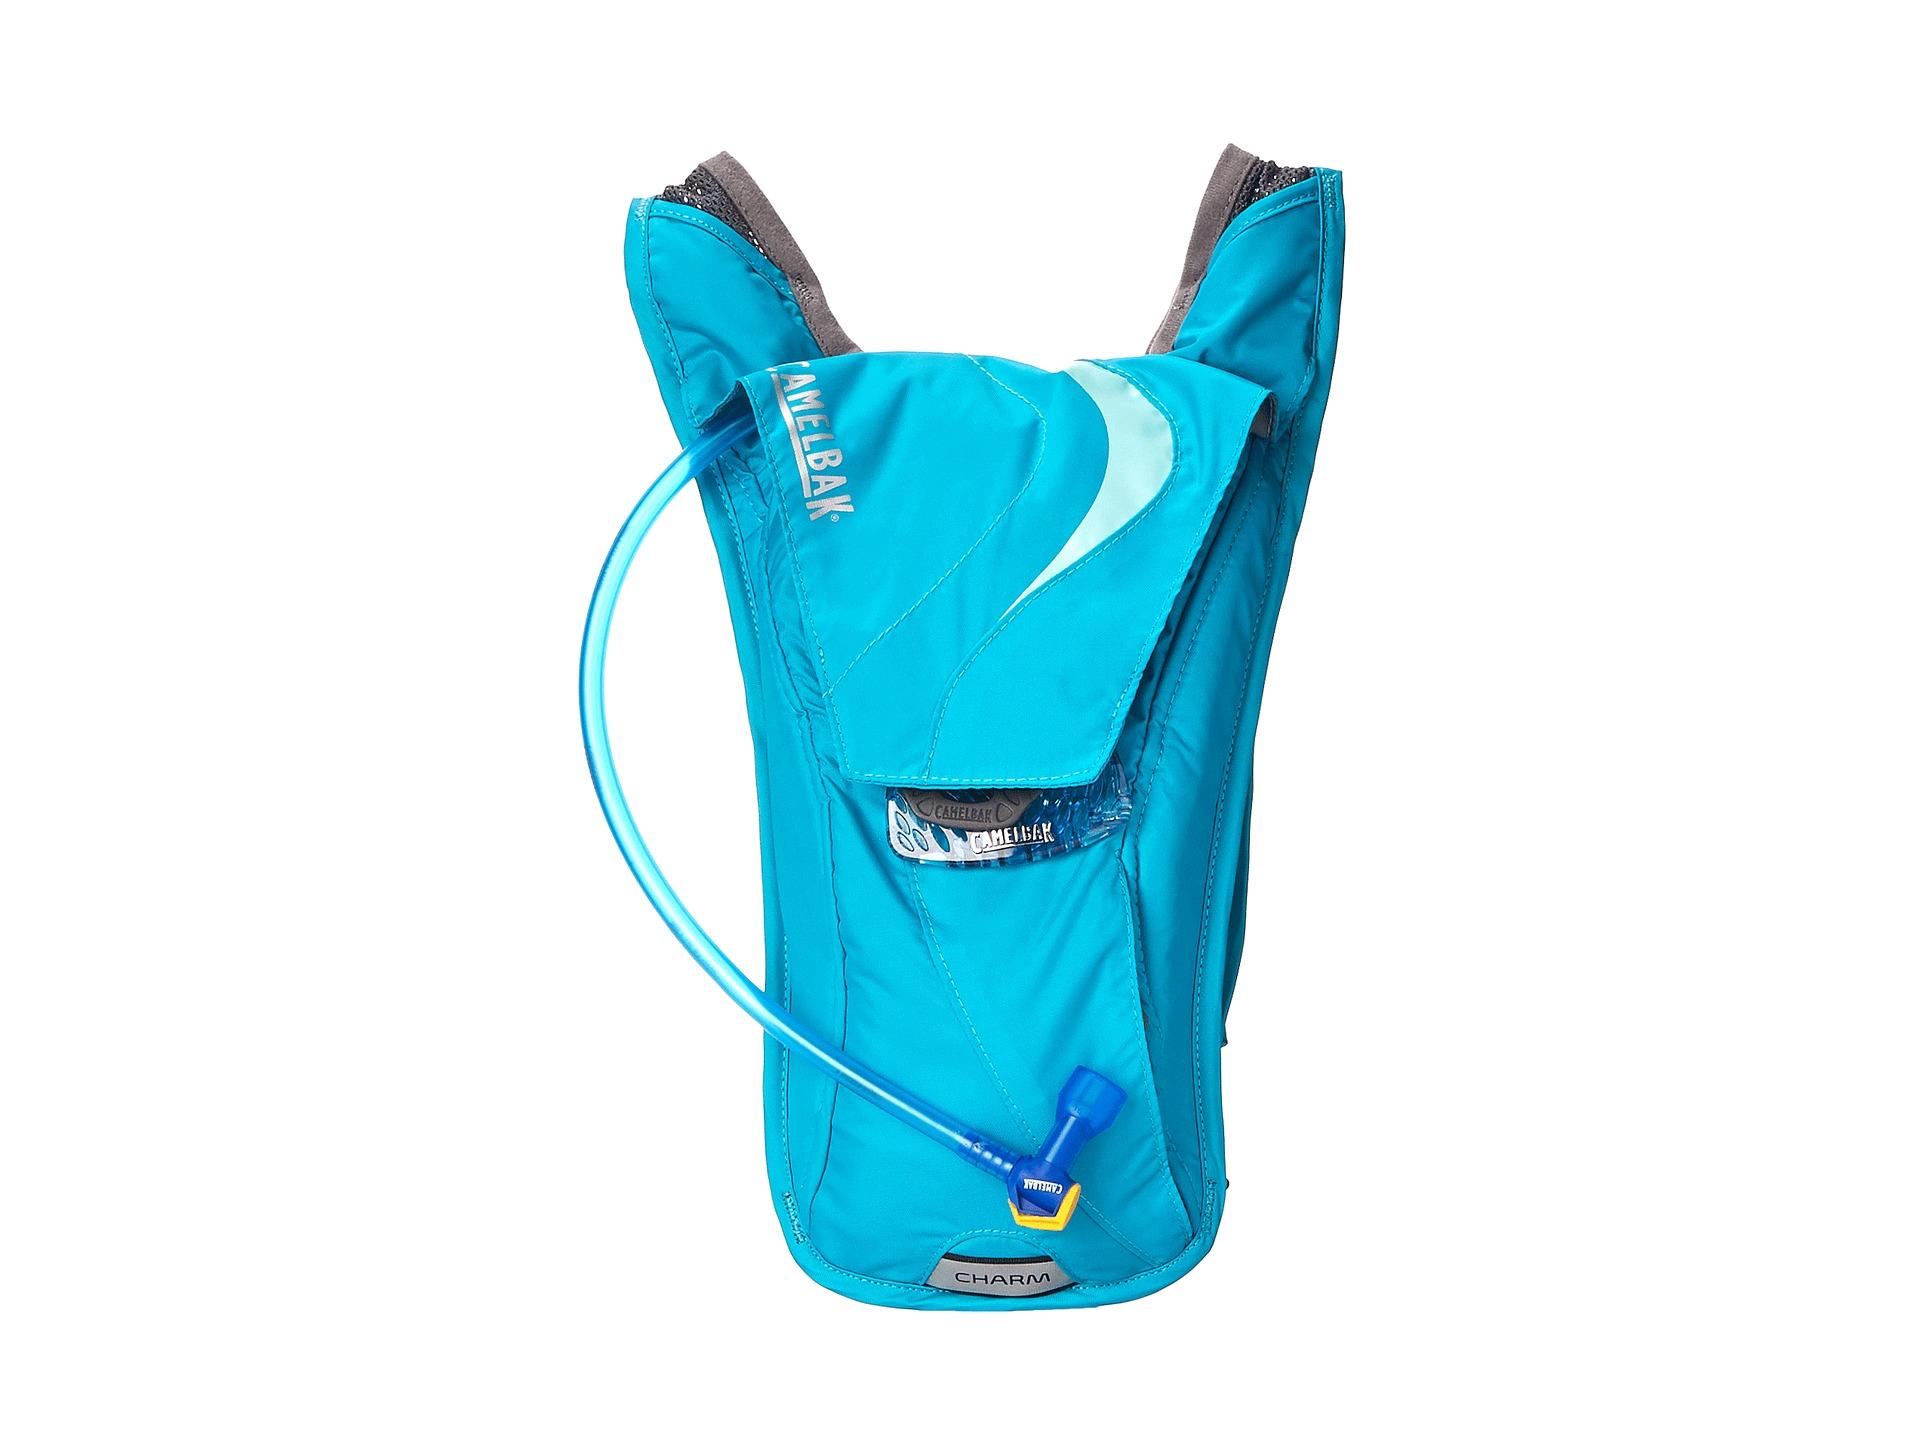 camelbak charm 50 oz blue shadow blue zappos